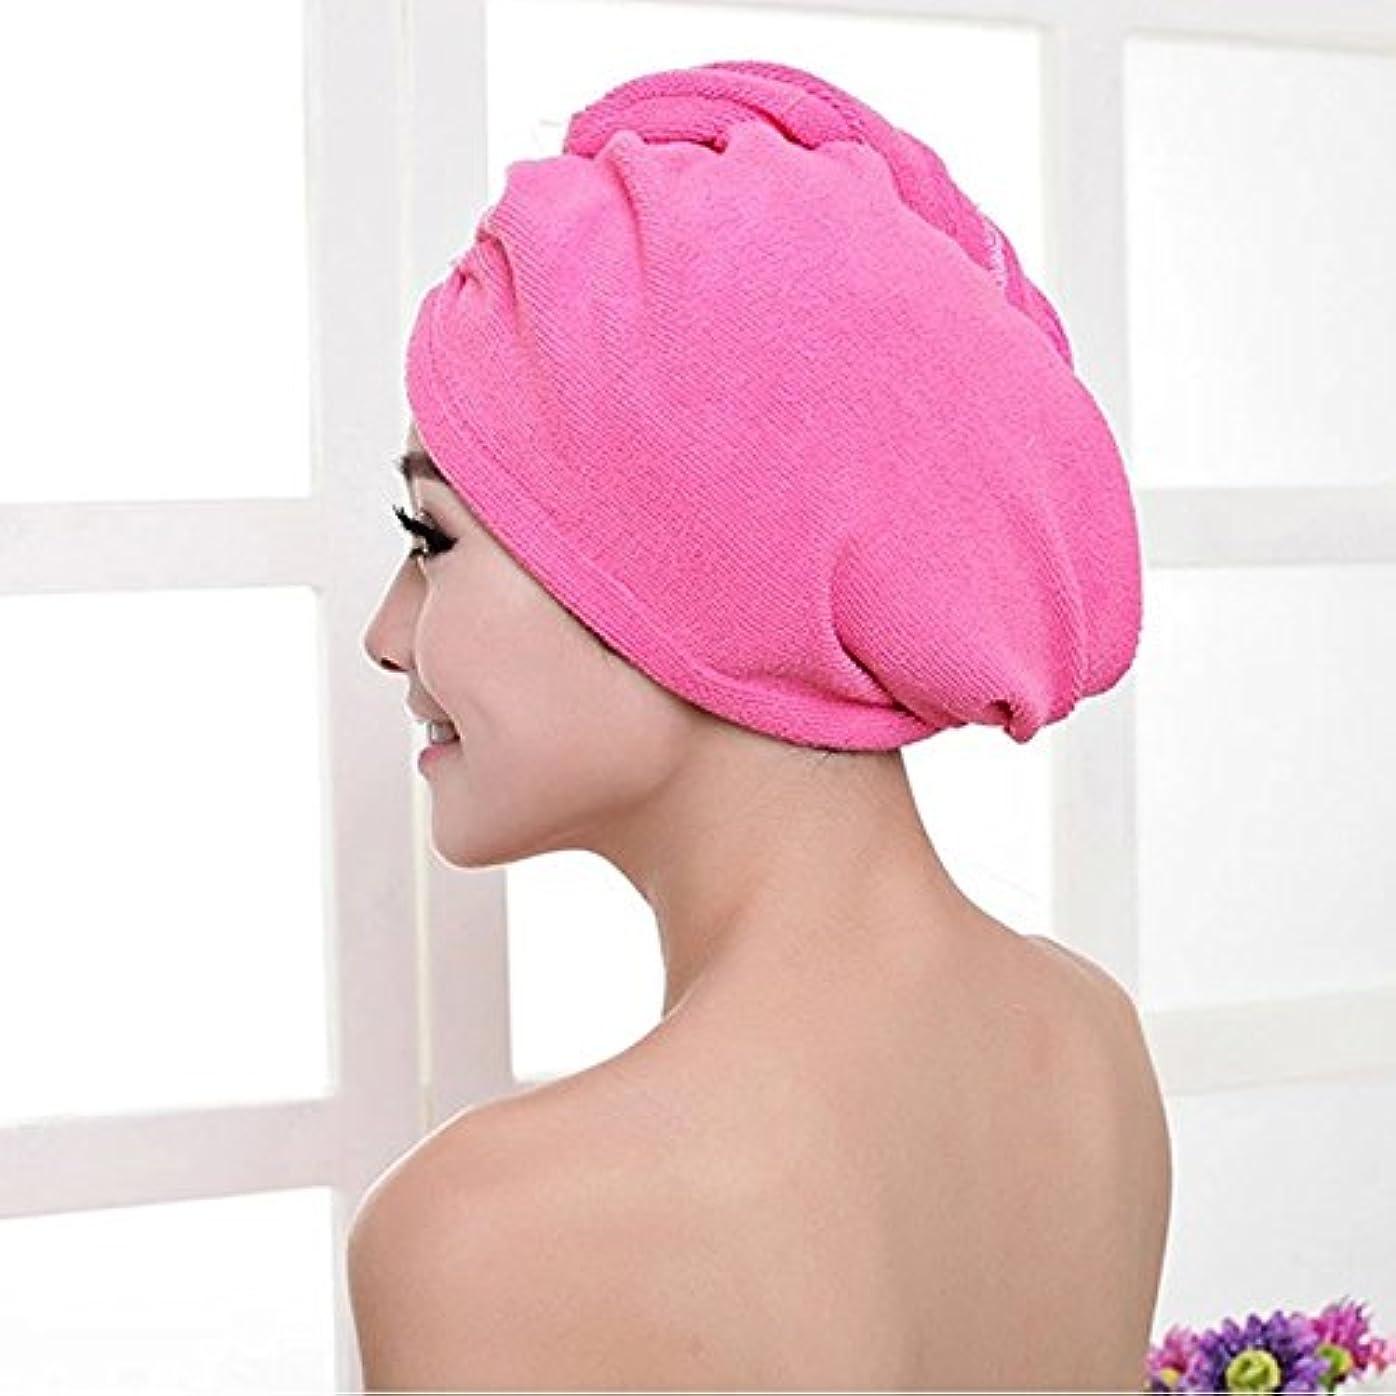 グレー候補者状況ボコダダ(Vocodada)タオルキャップ ヘアキャップ 吸水 ヘアドライタオル 速乾 マイクロファイバー ヘア 乾燥 タオル 帽子 キャップ 風呂 ふわふわ シンプル 60cm x 25cm. (E)